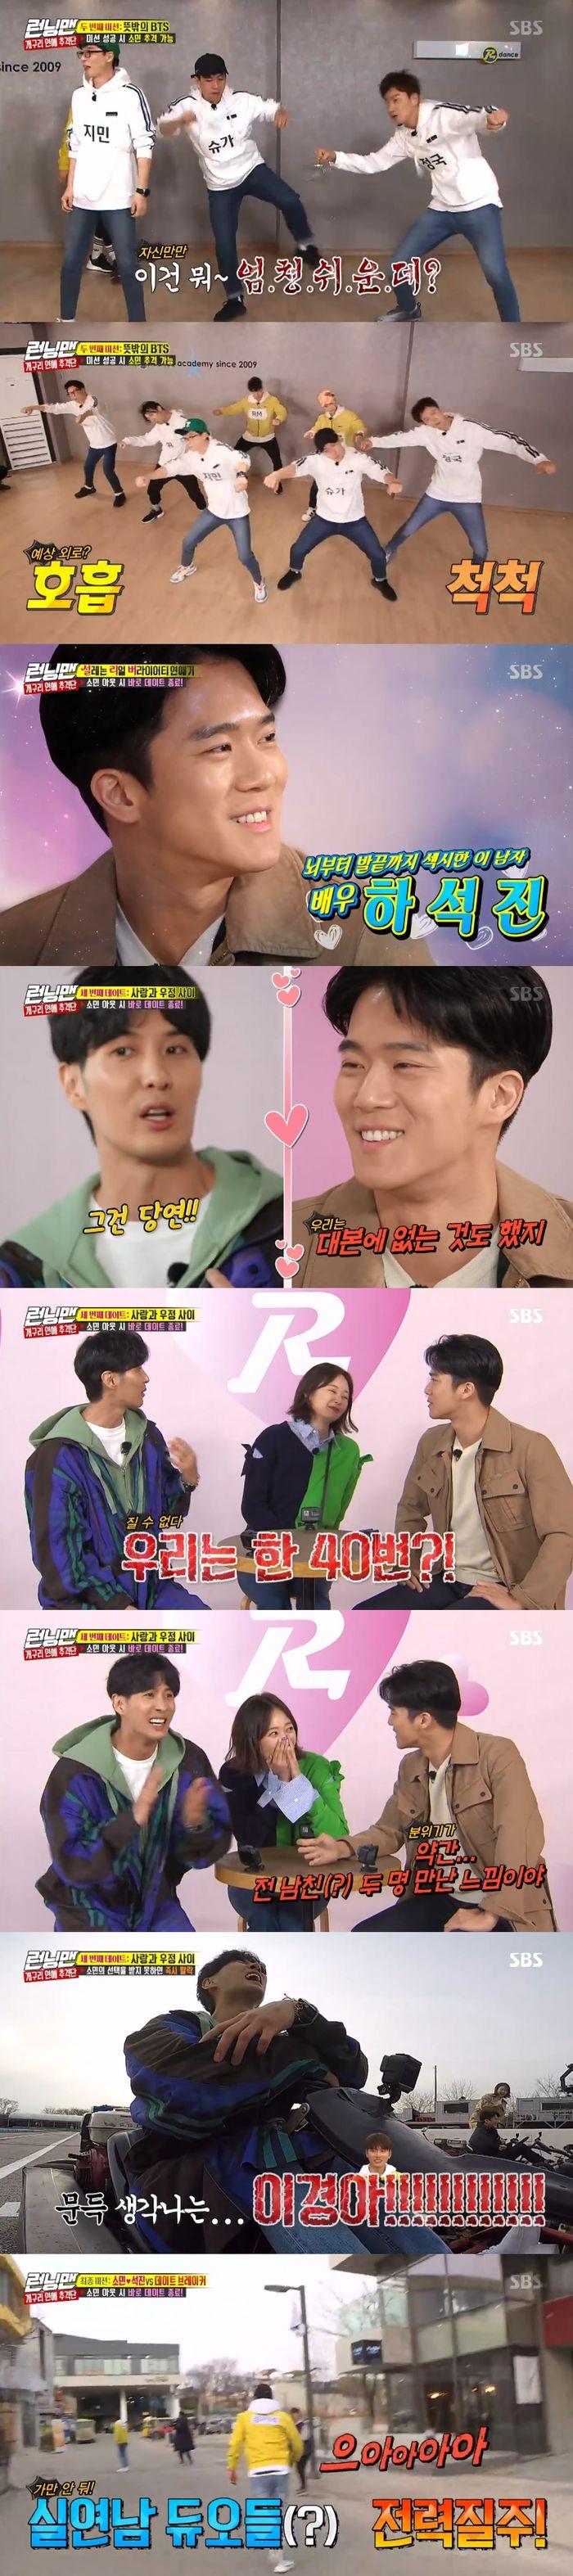 [스브스夜] '런닝맨' BTS '아이돌' 군무 완벽 소화?…최종 데이트 커플, 전소민♥하석진